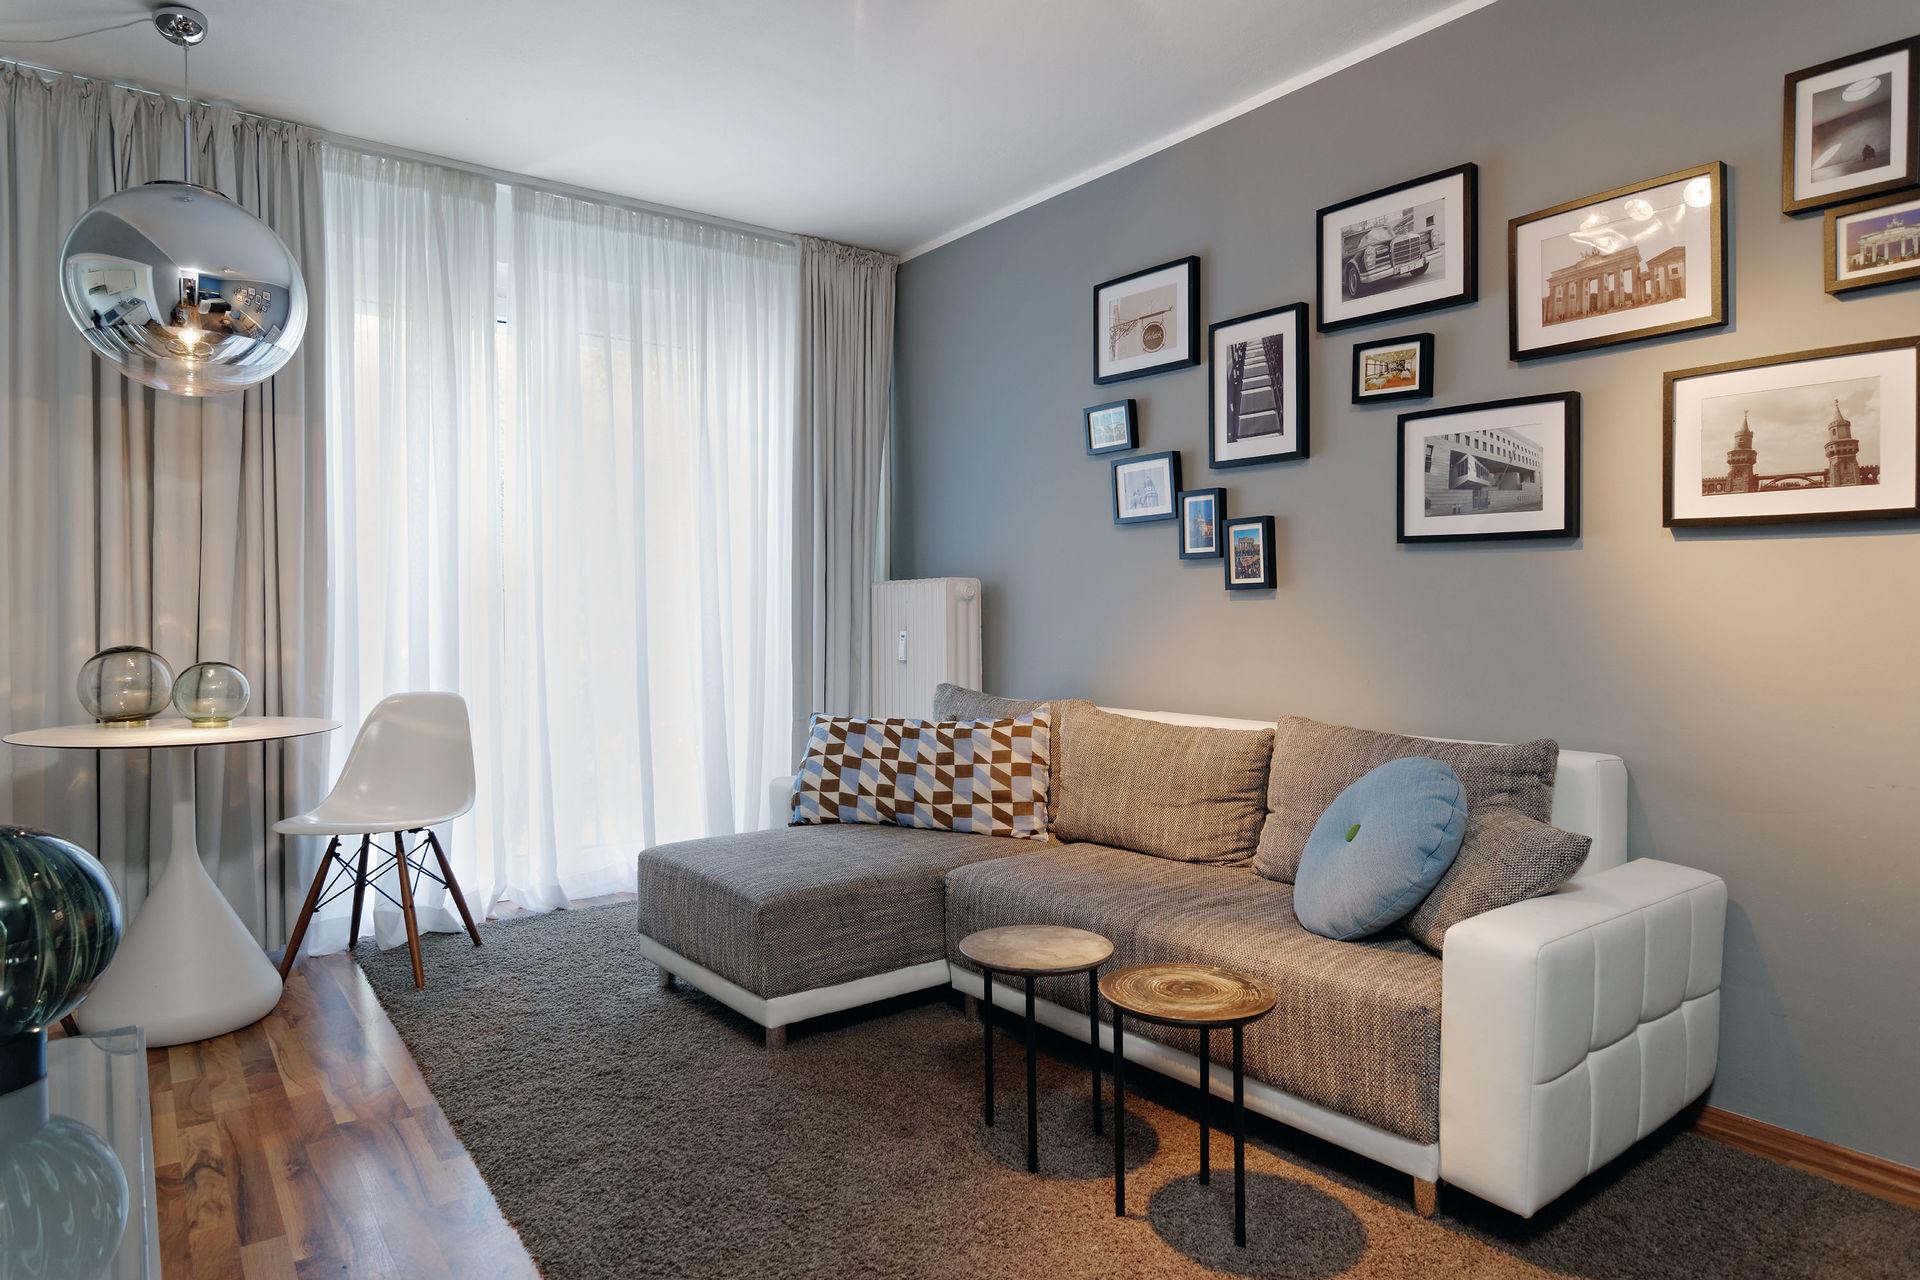 Studio wohnung in der winterfeldtstra e for Wohnung modern